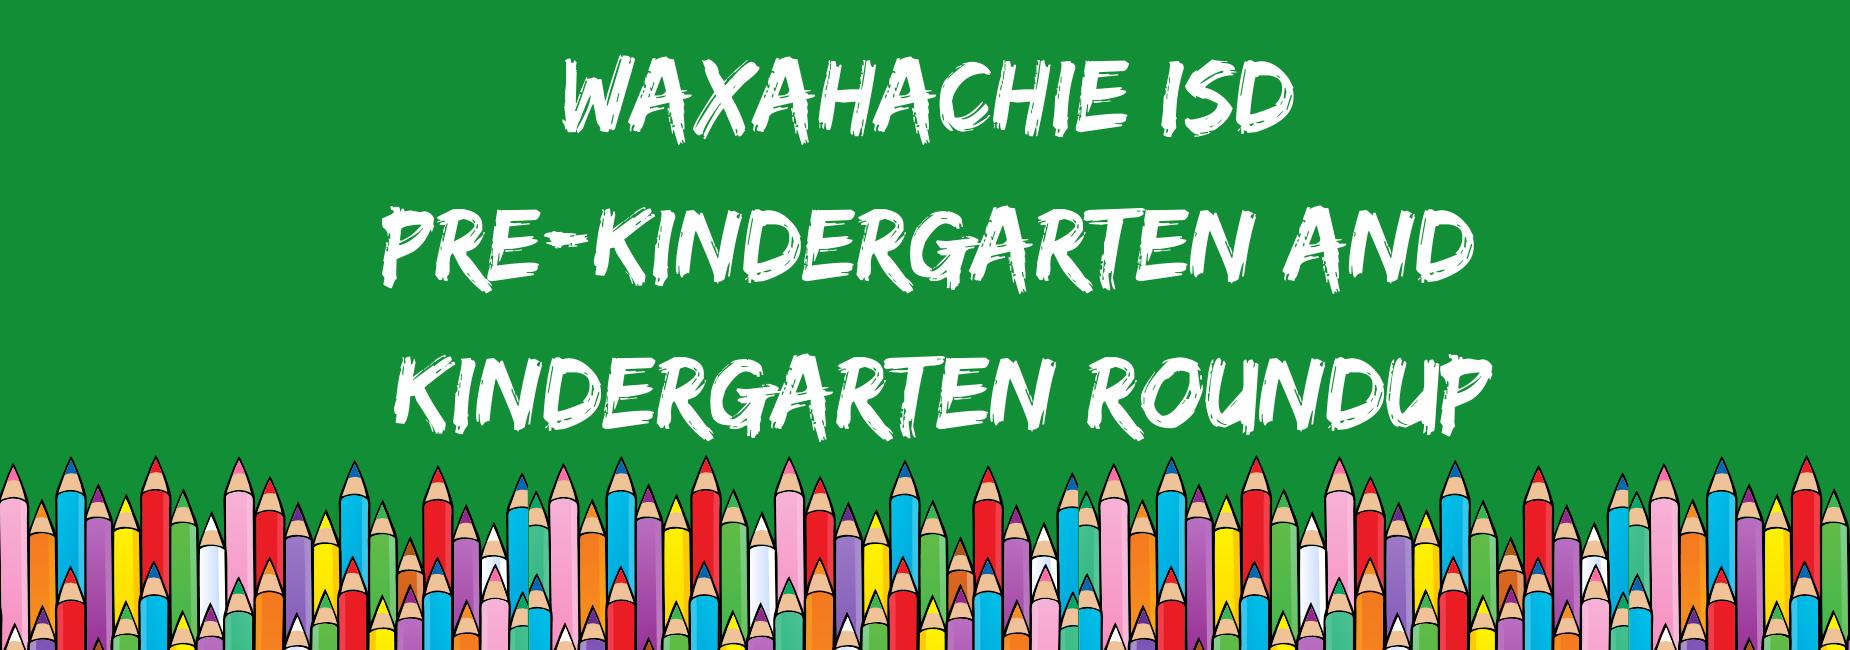 graphic of colorful pencils reads Waxahachie ISD pre-kindergarten and kindergarten roundup